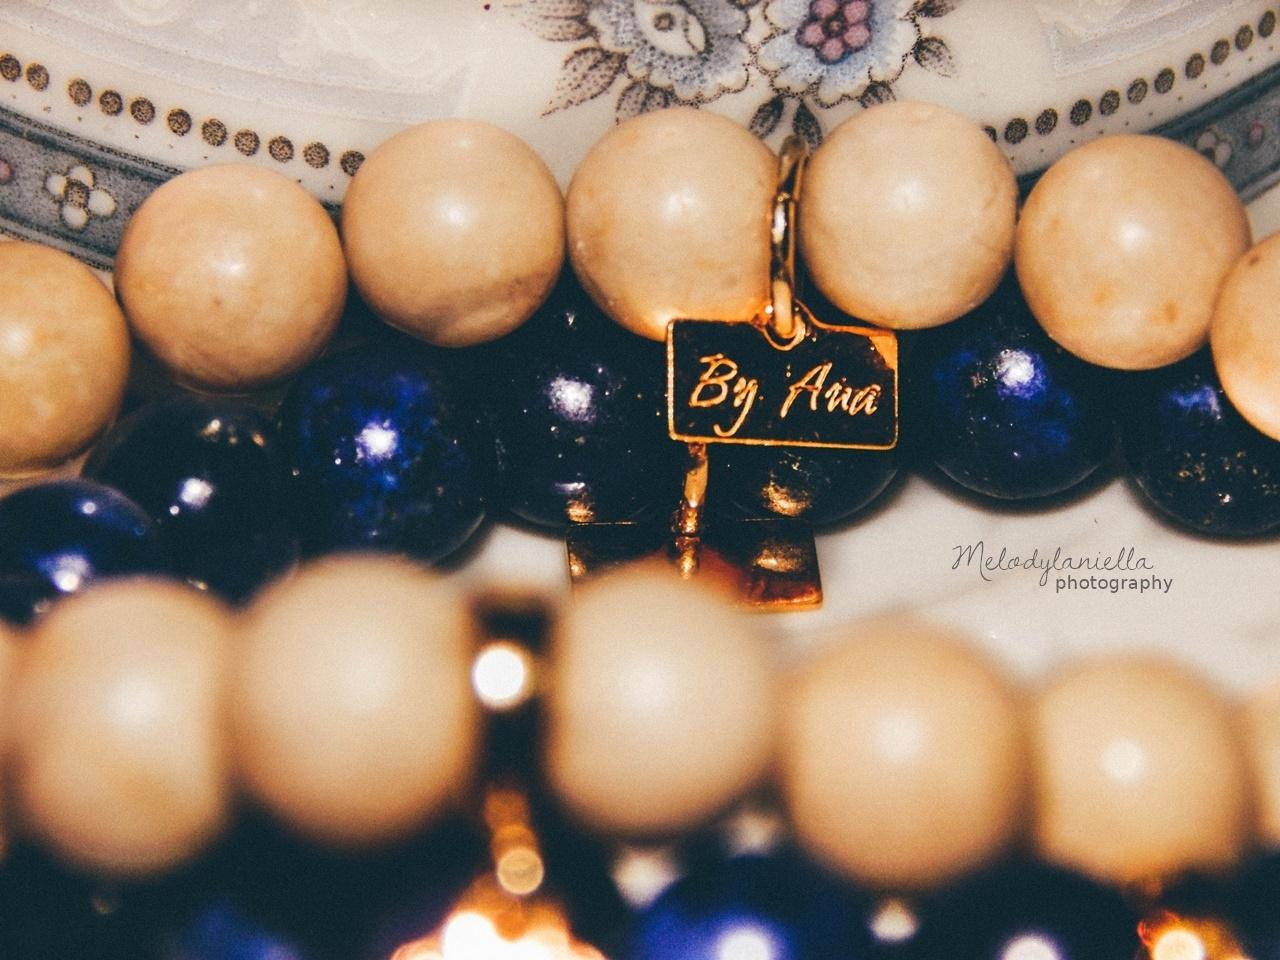 srevbro zloto karaty jewellery by Ana bizuteria bransoletki marmur charmsy 24k zloto skrzydla piórko marmur lapis lazuli